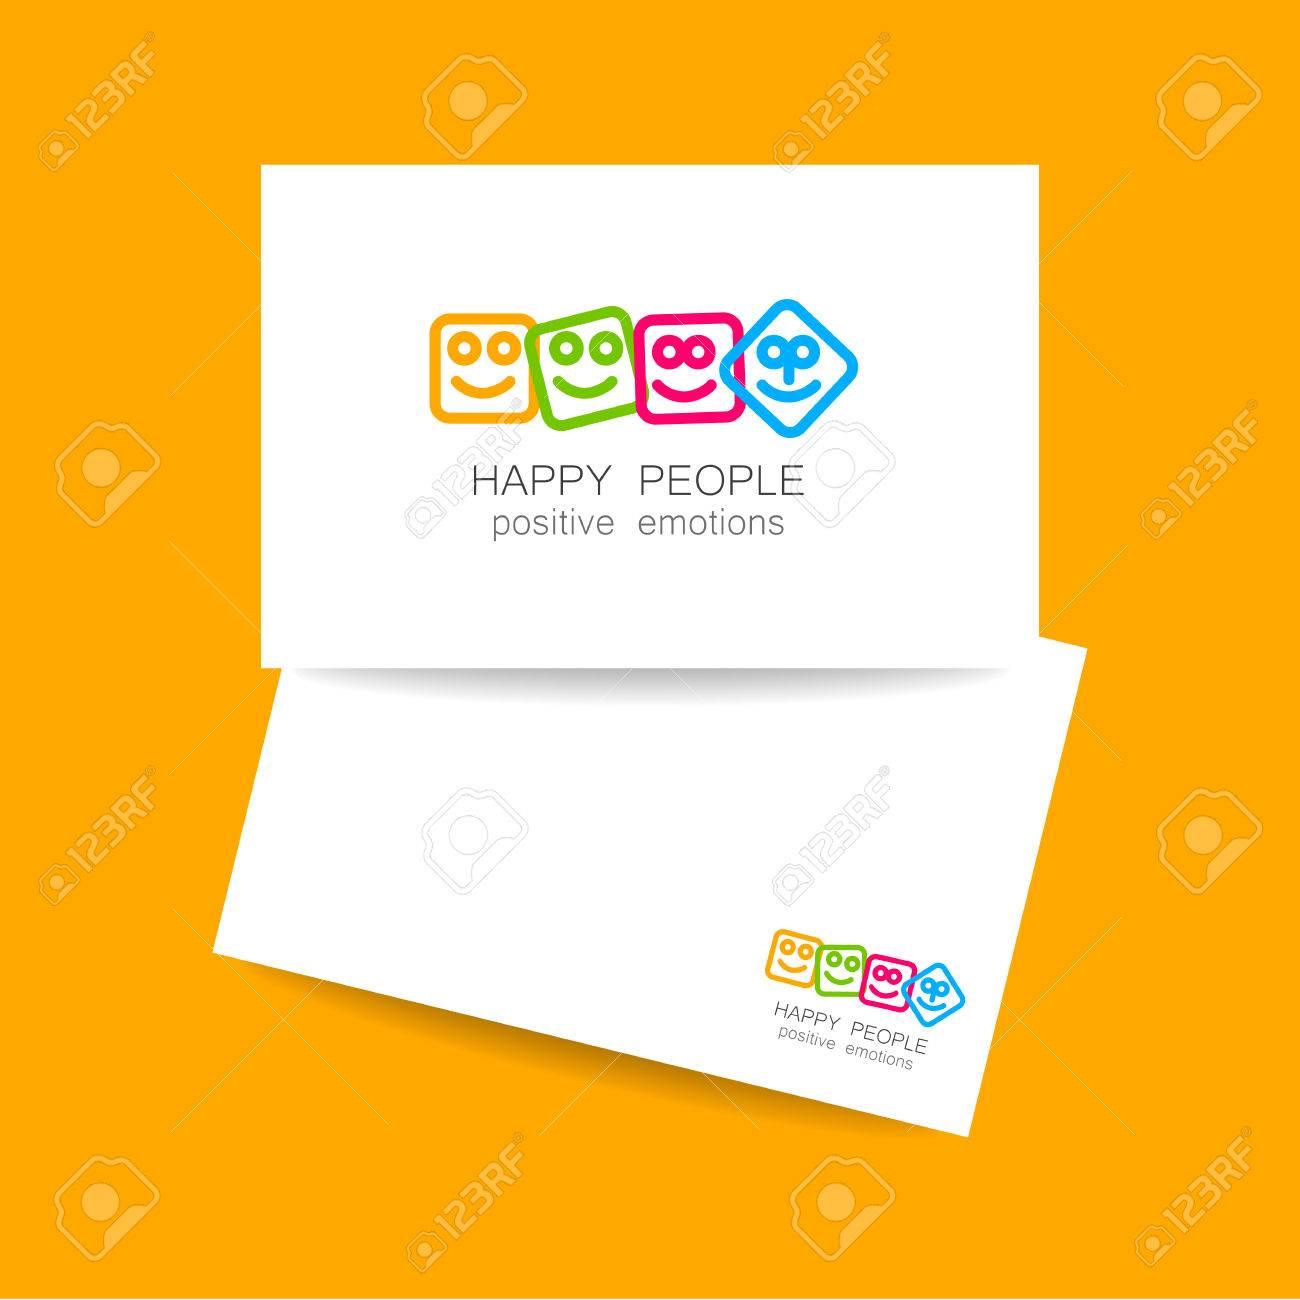 Concept De Conception Carte Visite Pour La Societe Les Emotions Positives Des Jeux Heureux Divertissement Sphere Embleme Lunite Lequipe